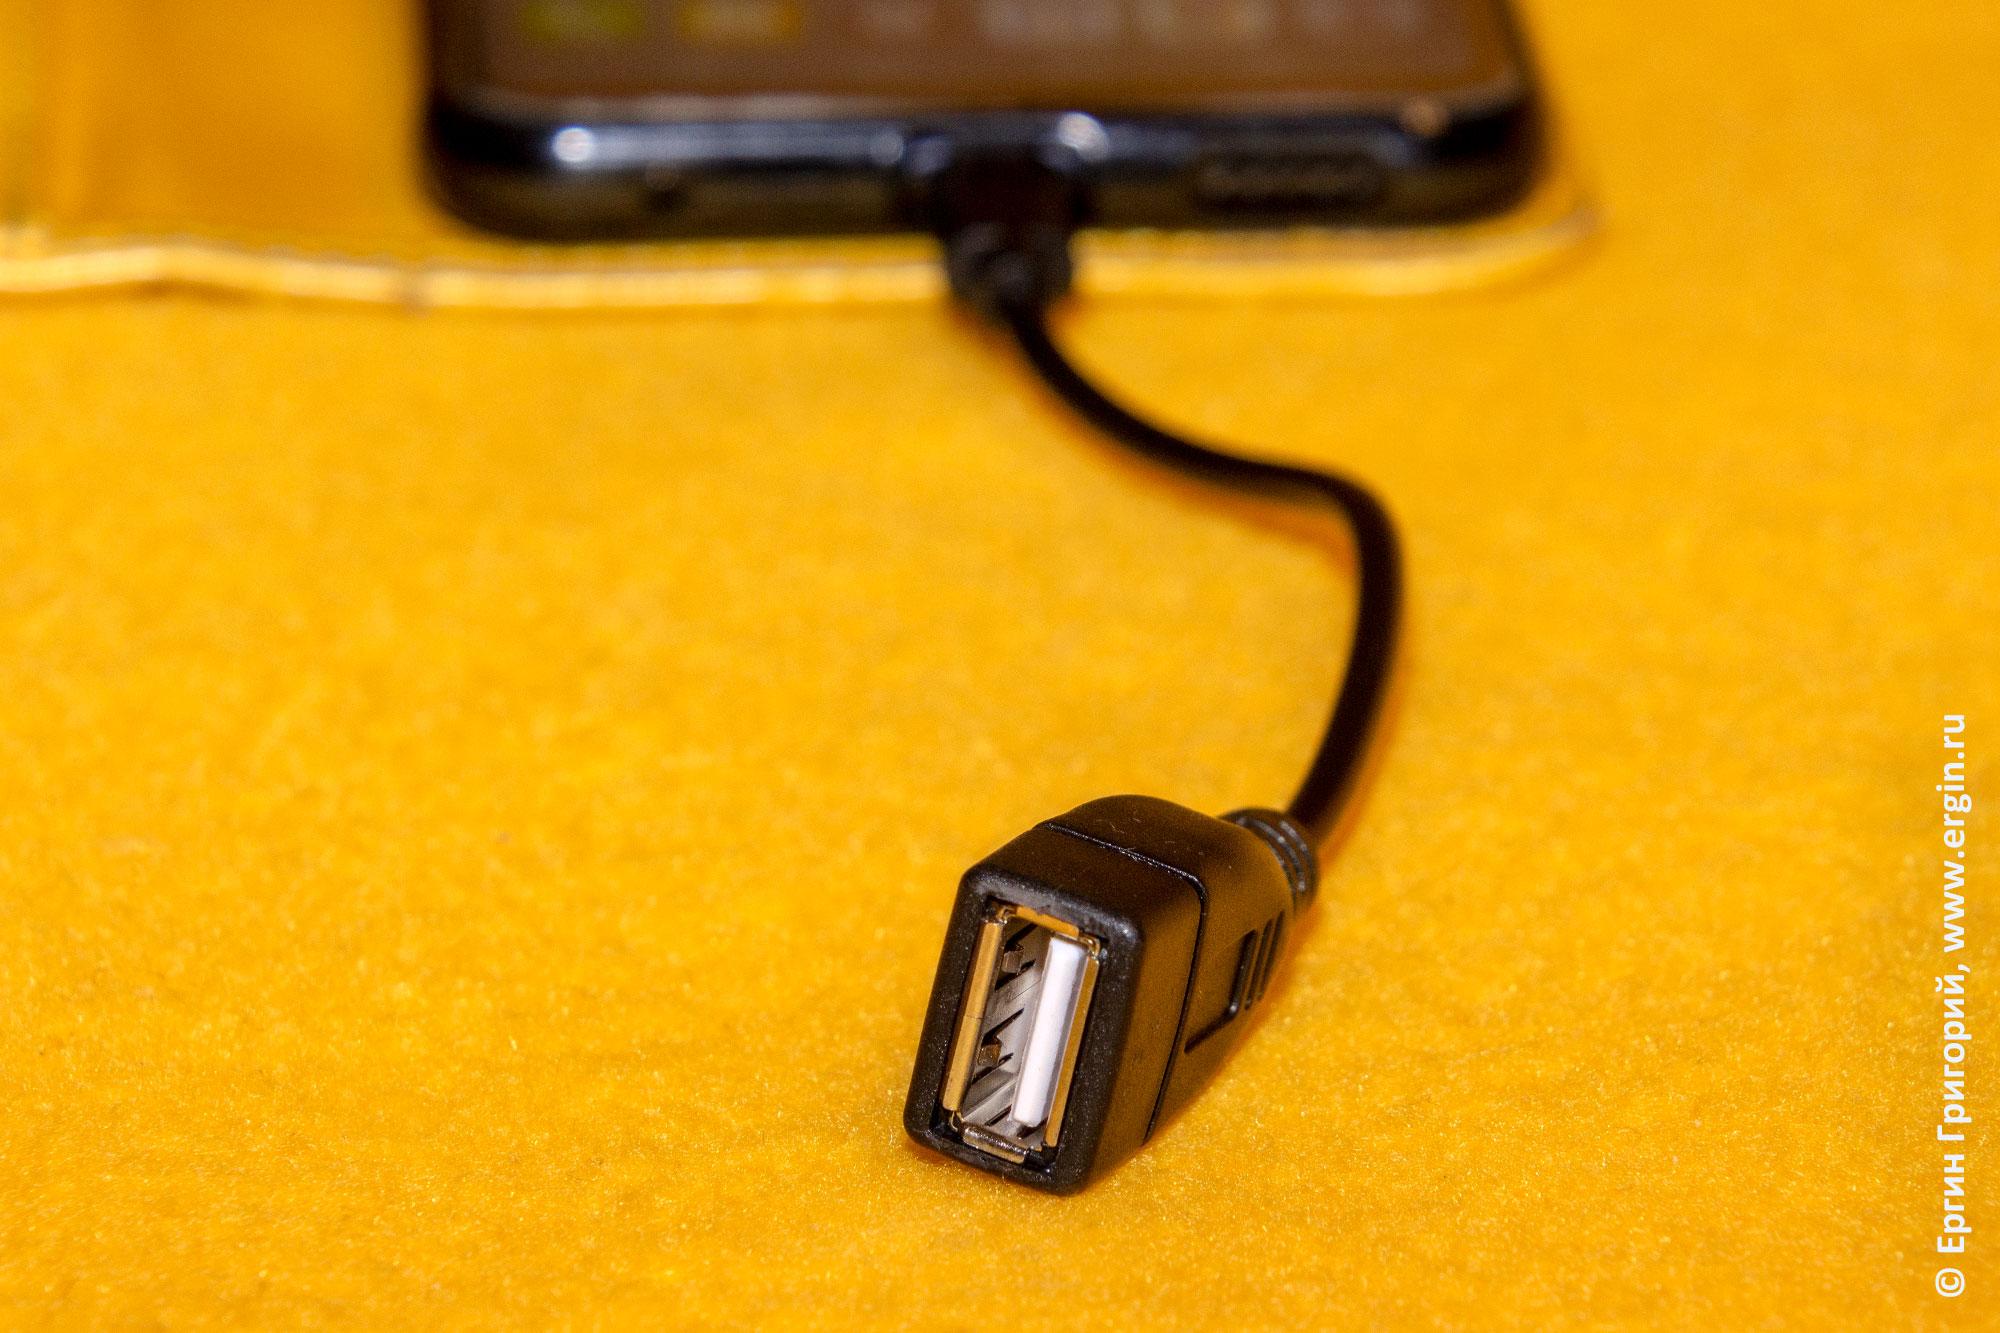 USB OTG адаптер переходник для подключению к мобильному телефону устройств по большому разъему USB: Type-C в Type-A